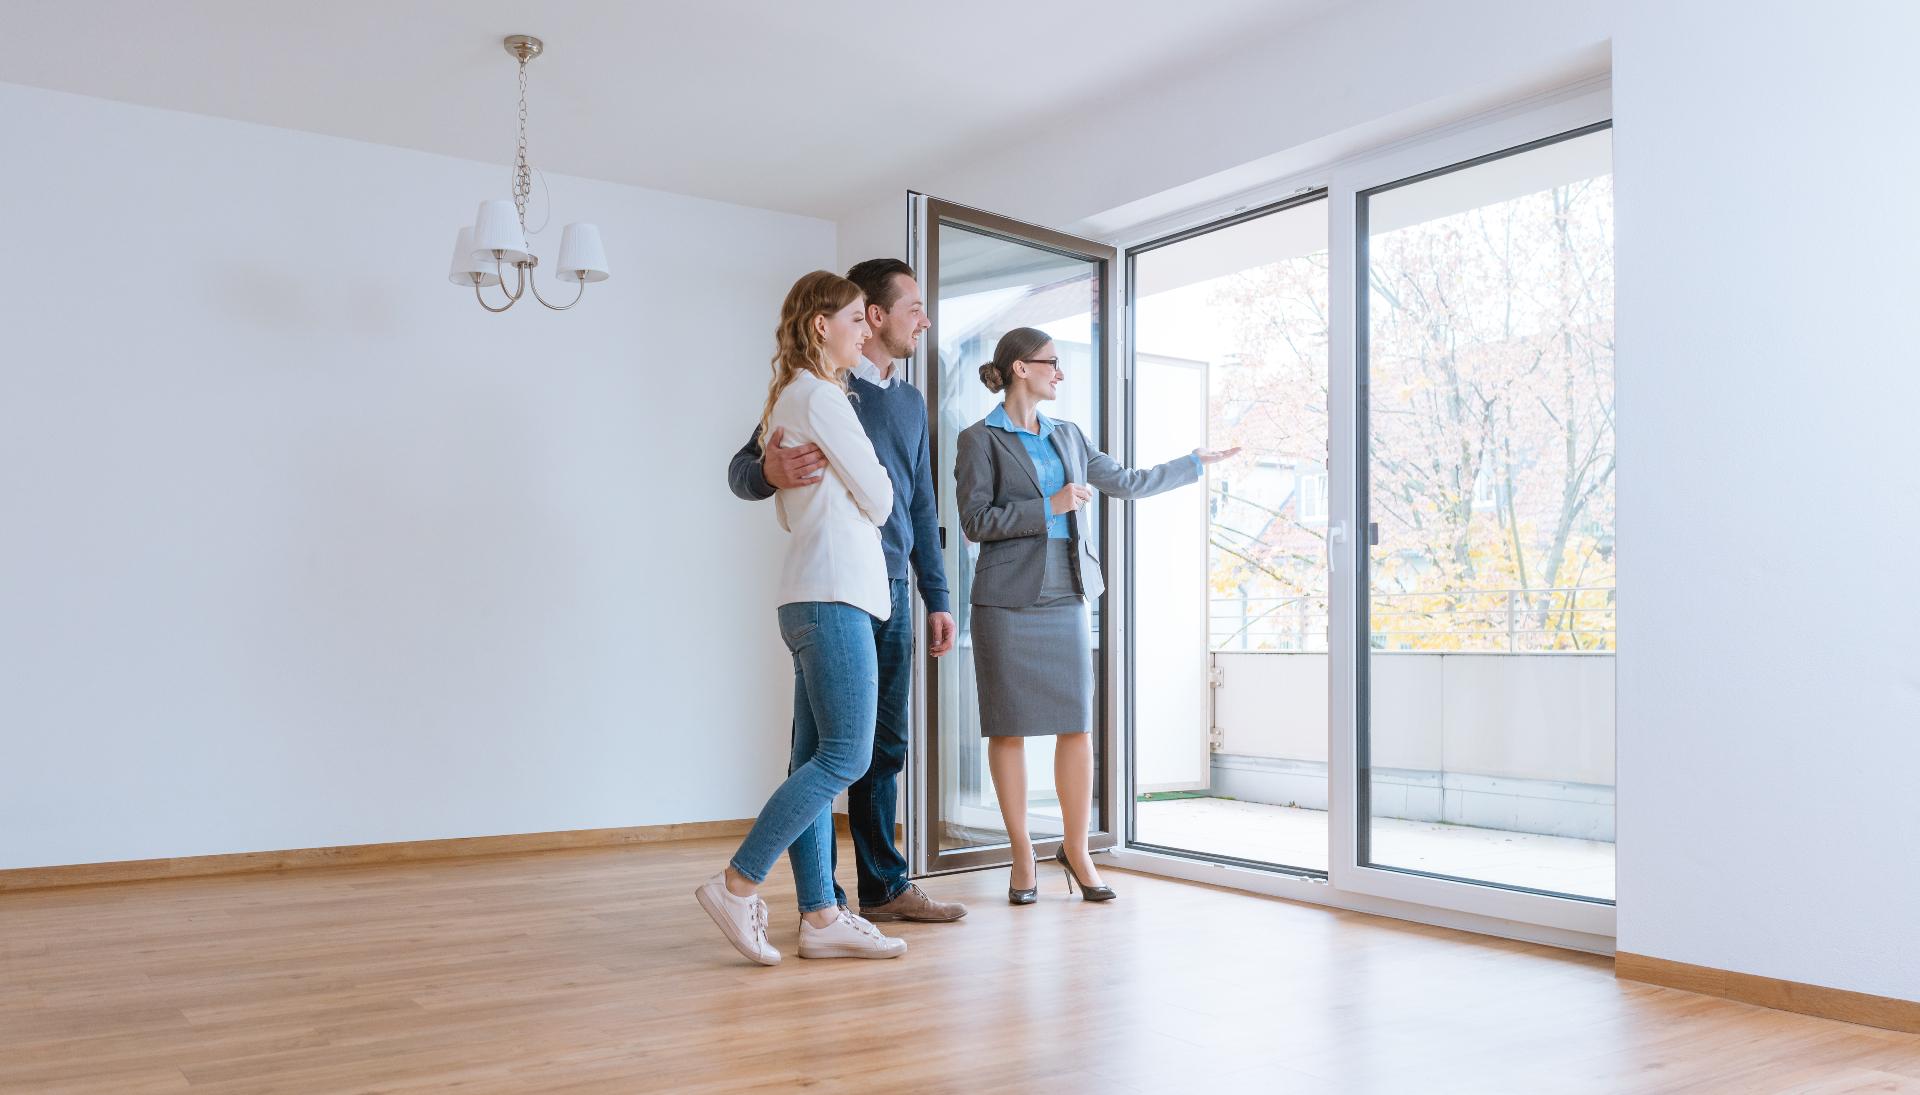 Многие неопытные арендодатели зачастую допускают ошибки, которые могут привести к потере не только времени и нервов, но и денег, а порой и к порче имущества